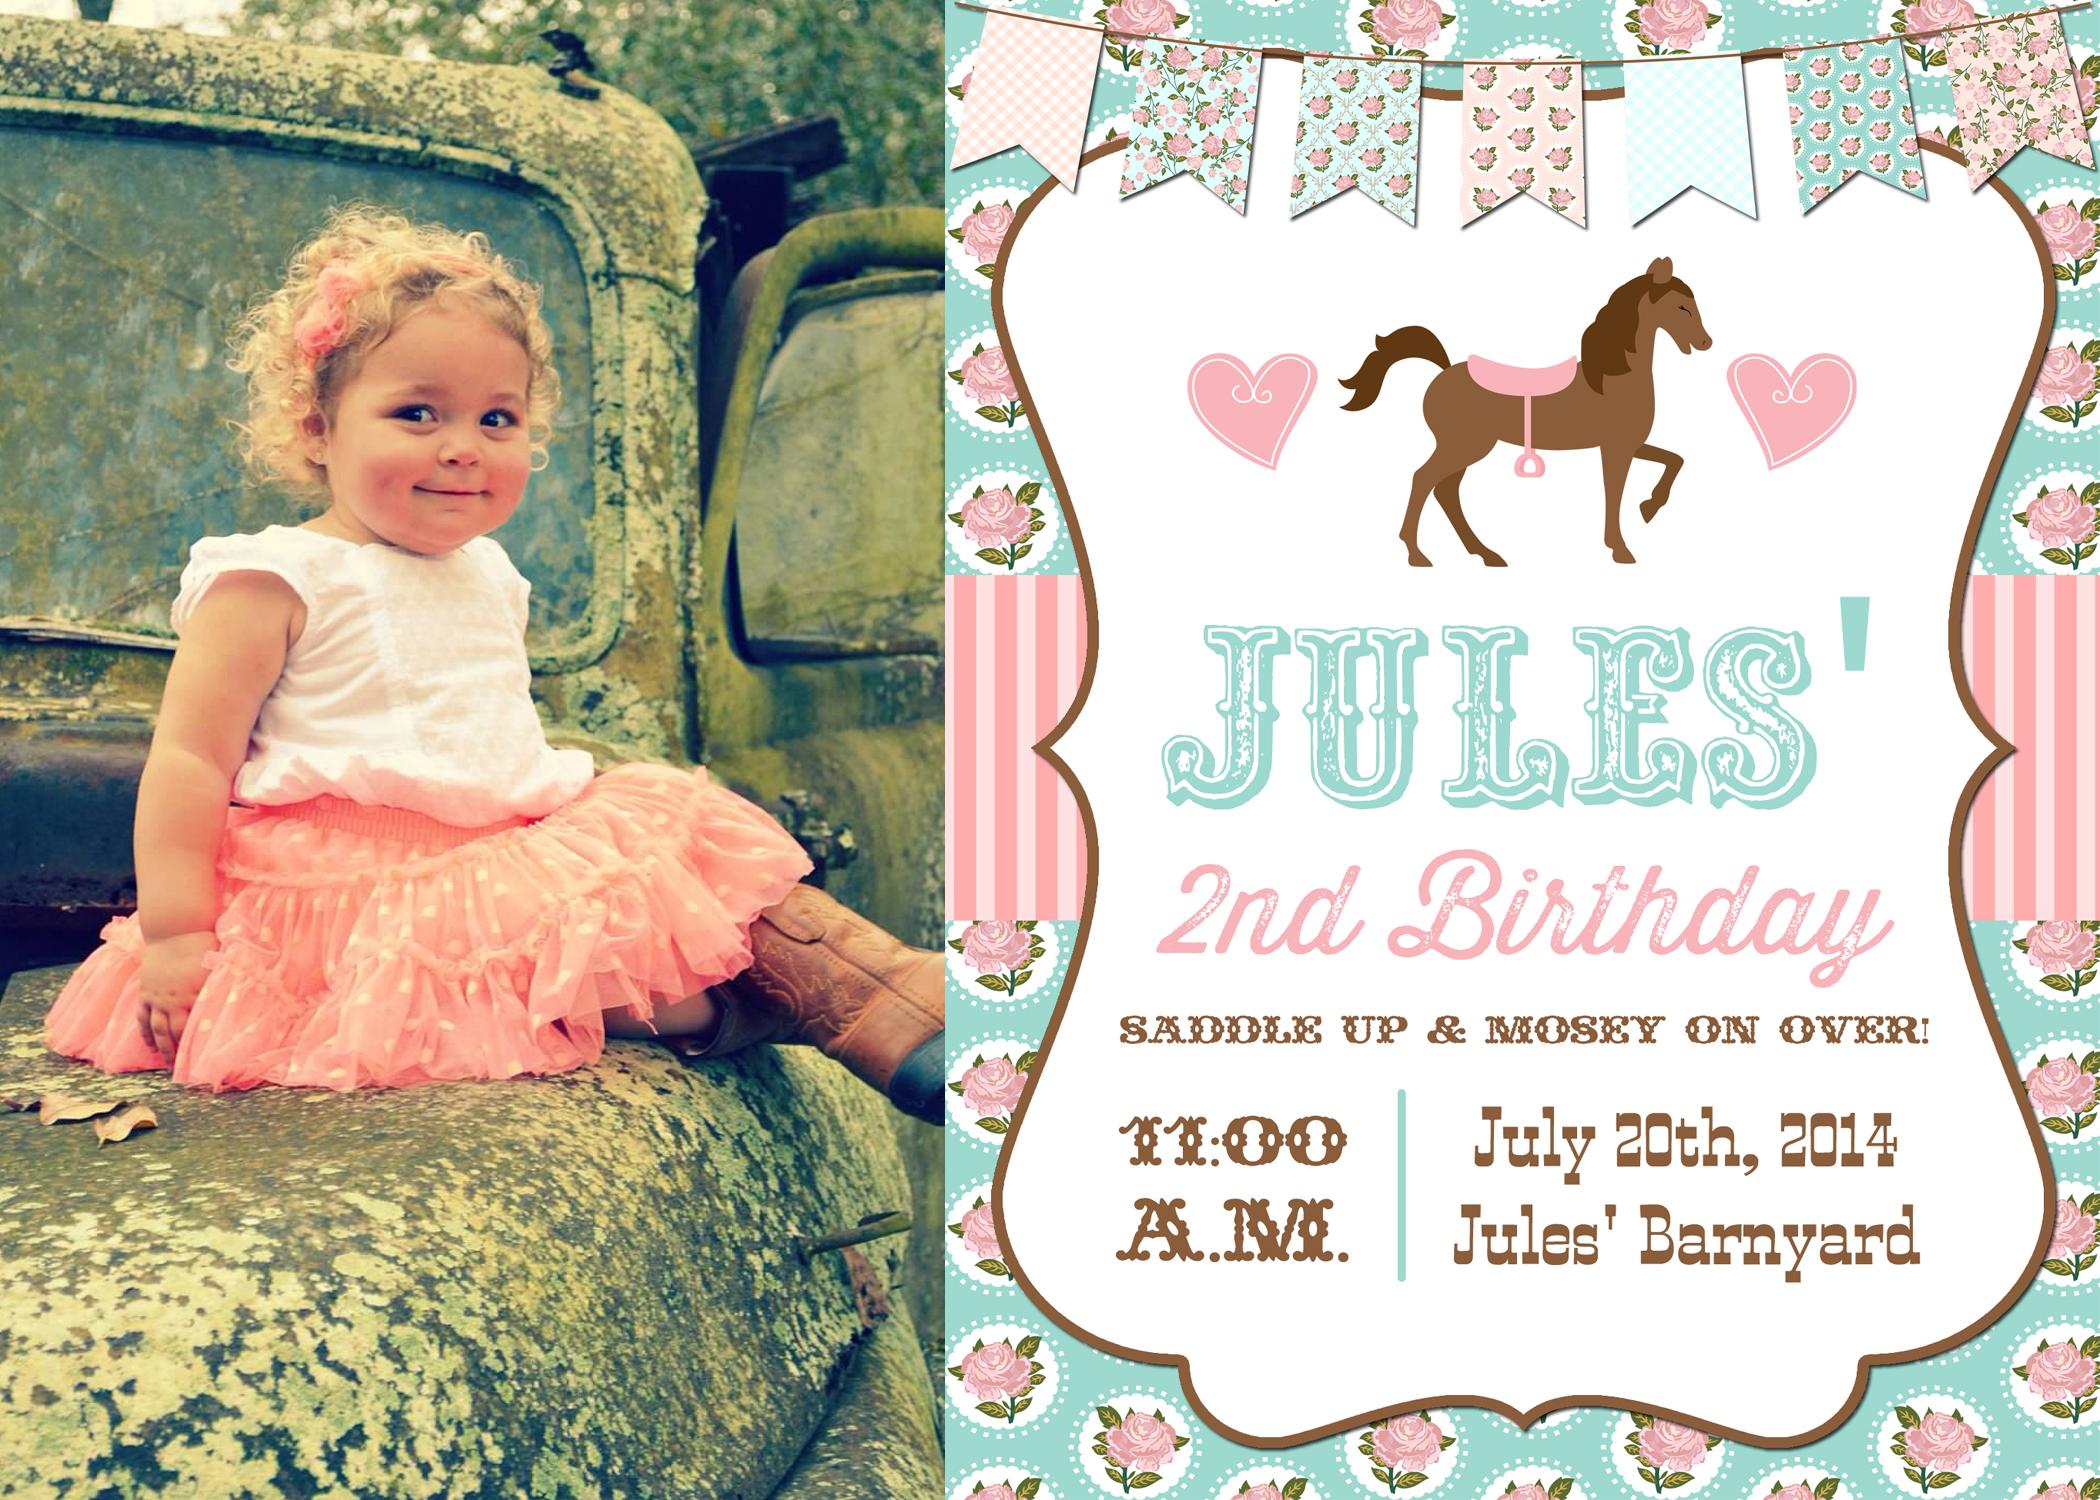 Jules\' 2nd Birthday Party – Shabby Chic Cowgirl – Hakuna Matata